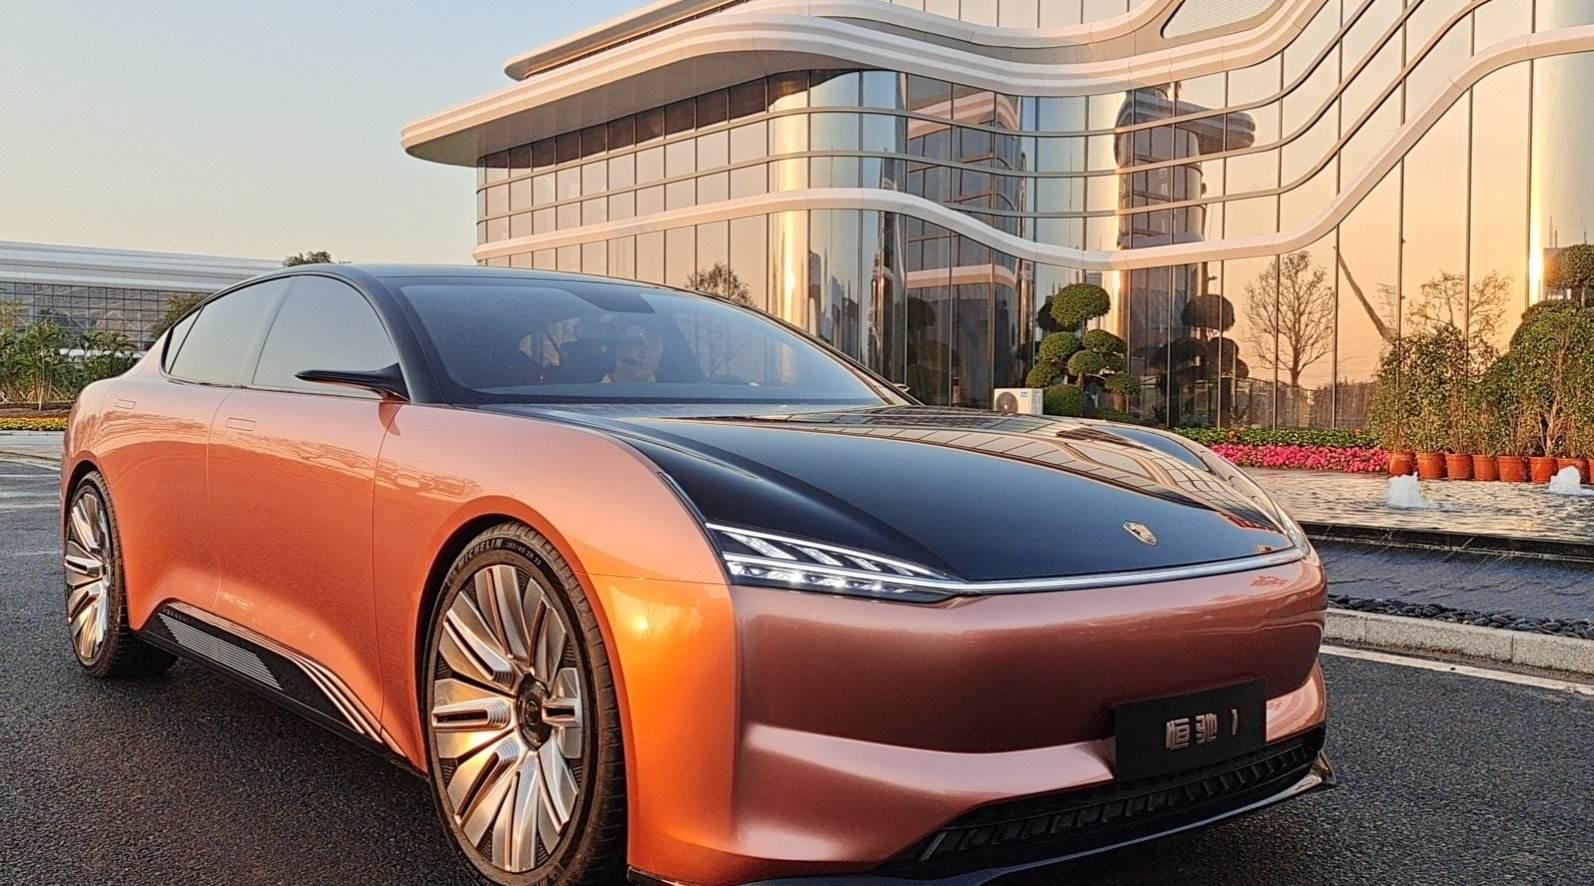 恒大汽车放出恒驰1路跑测试视频 恒驰系列明年下半年陆续量产